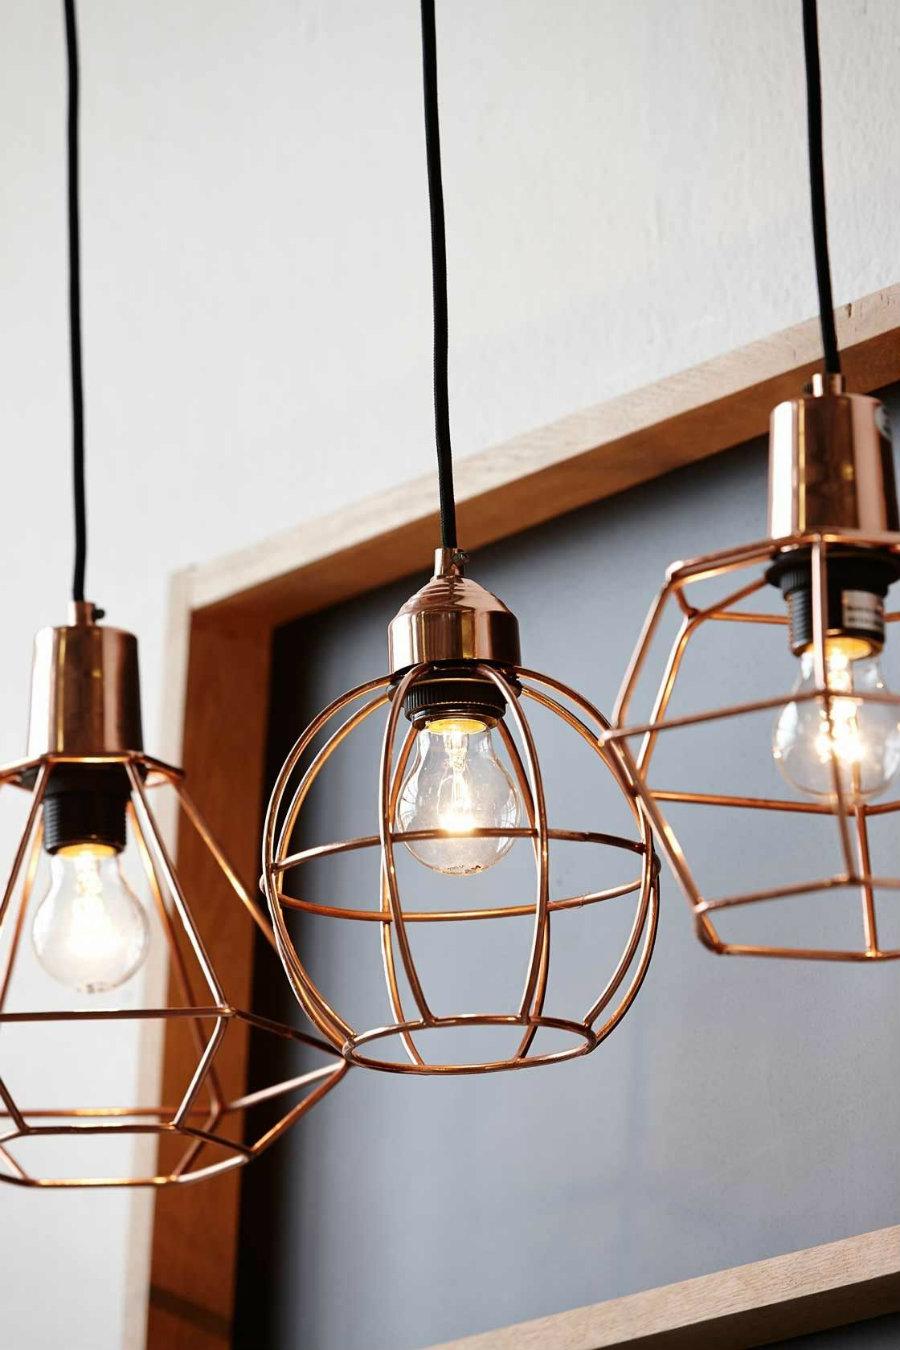 Best Lighting Exhibitors at Maison et Object 2019 maison et objet 2019 Best Lighting Exhibitors at Maison et Objet 2019 hu